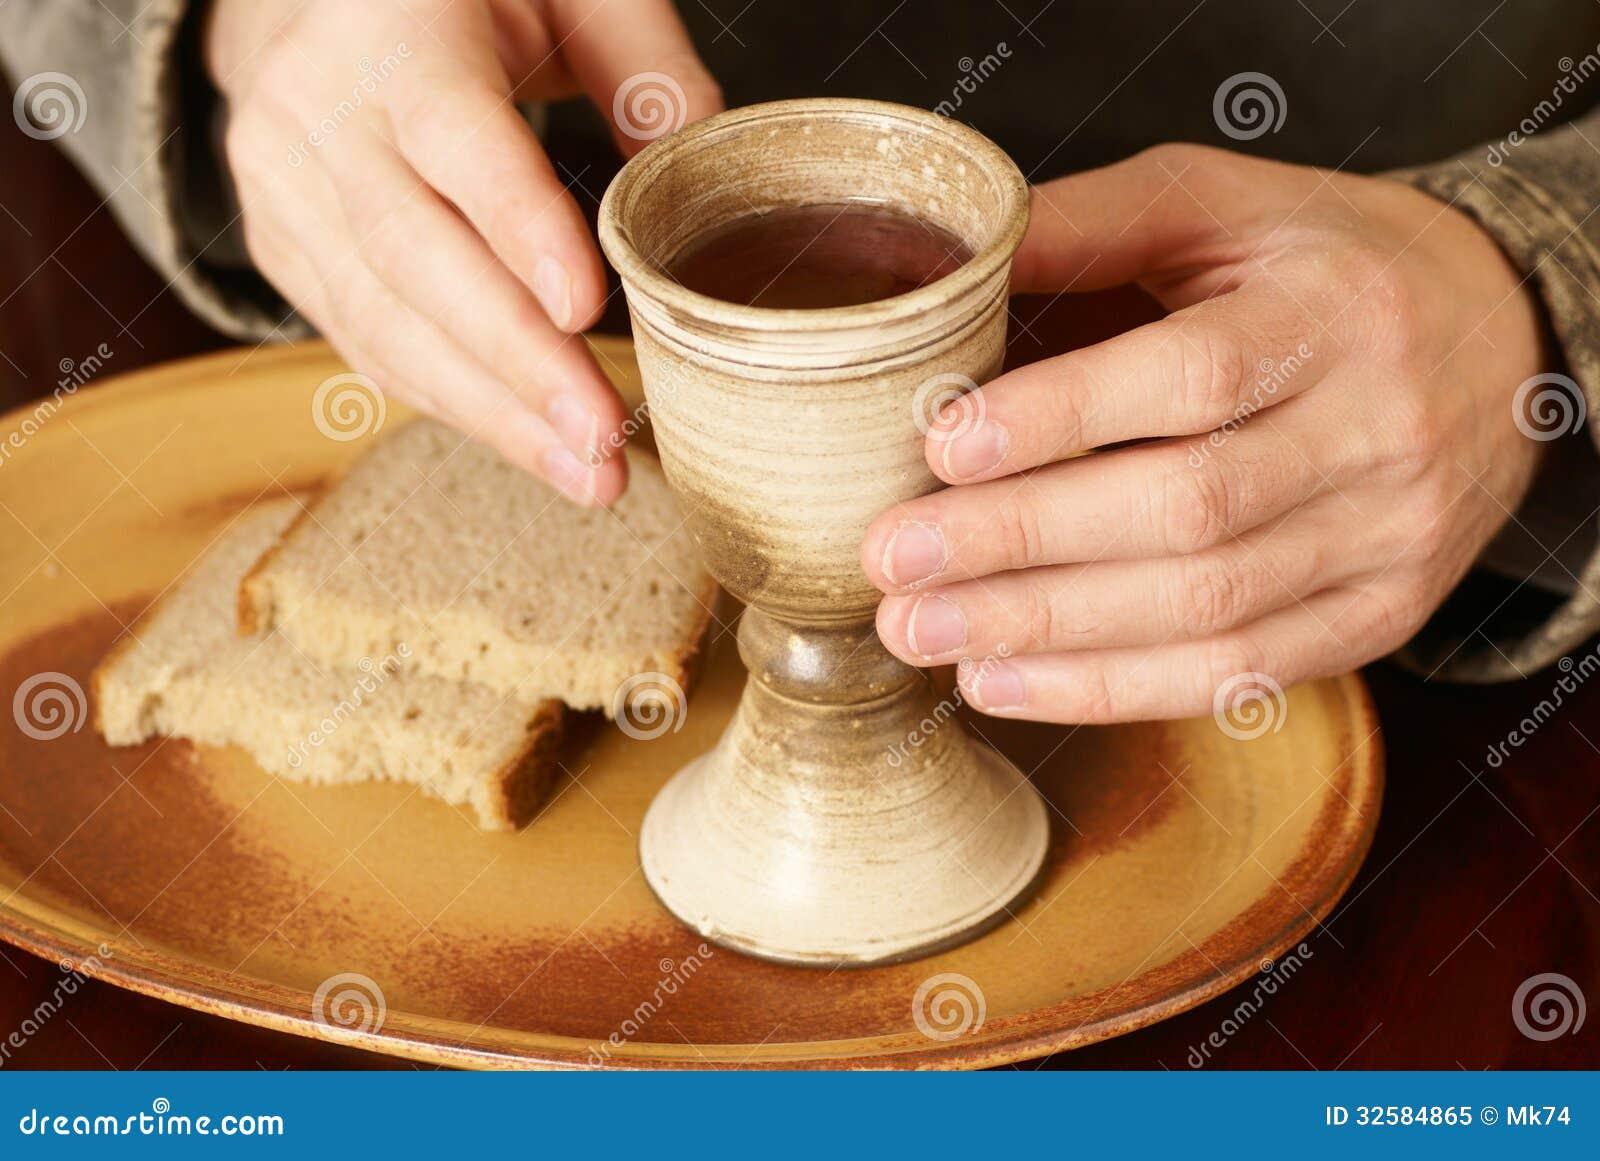 Holy Communion Royalty Free Stock Photo - Image: 32584865